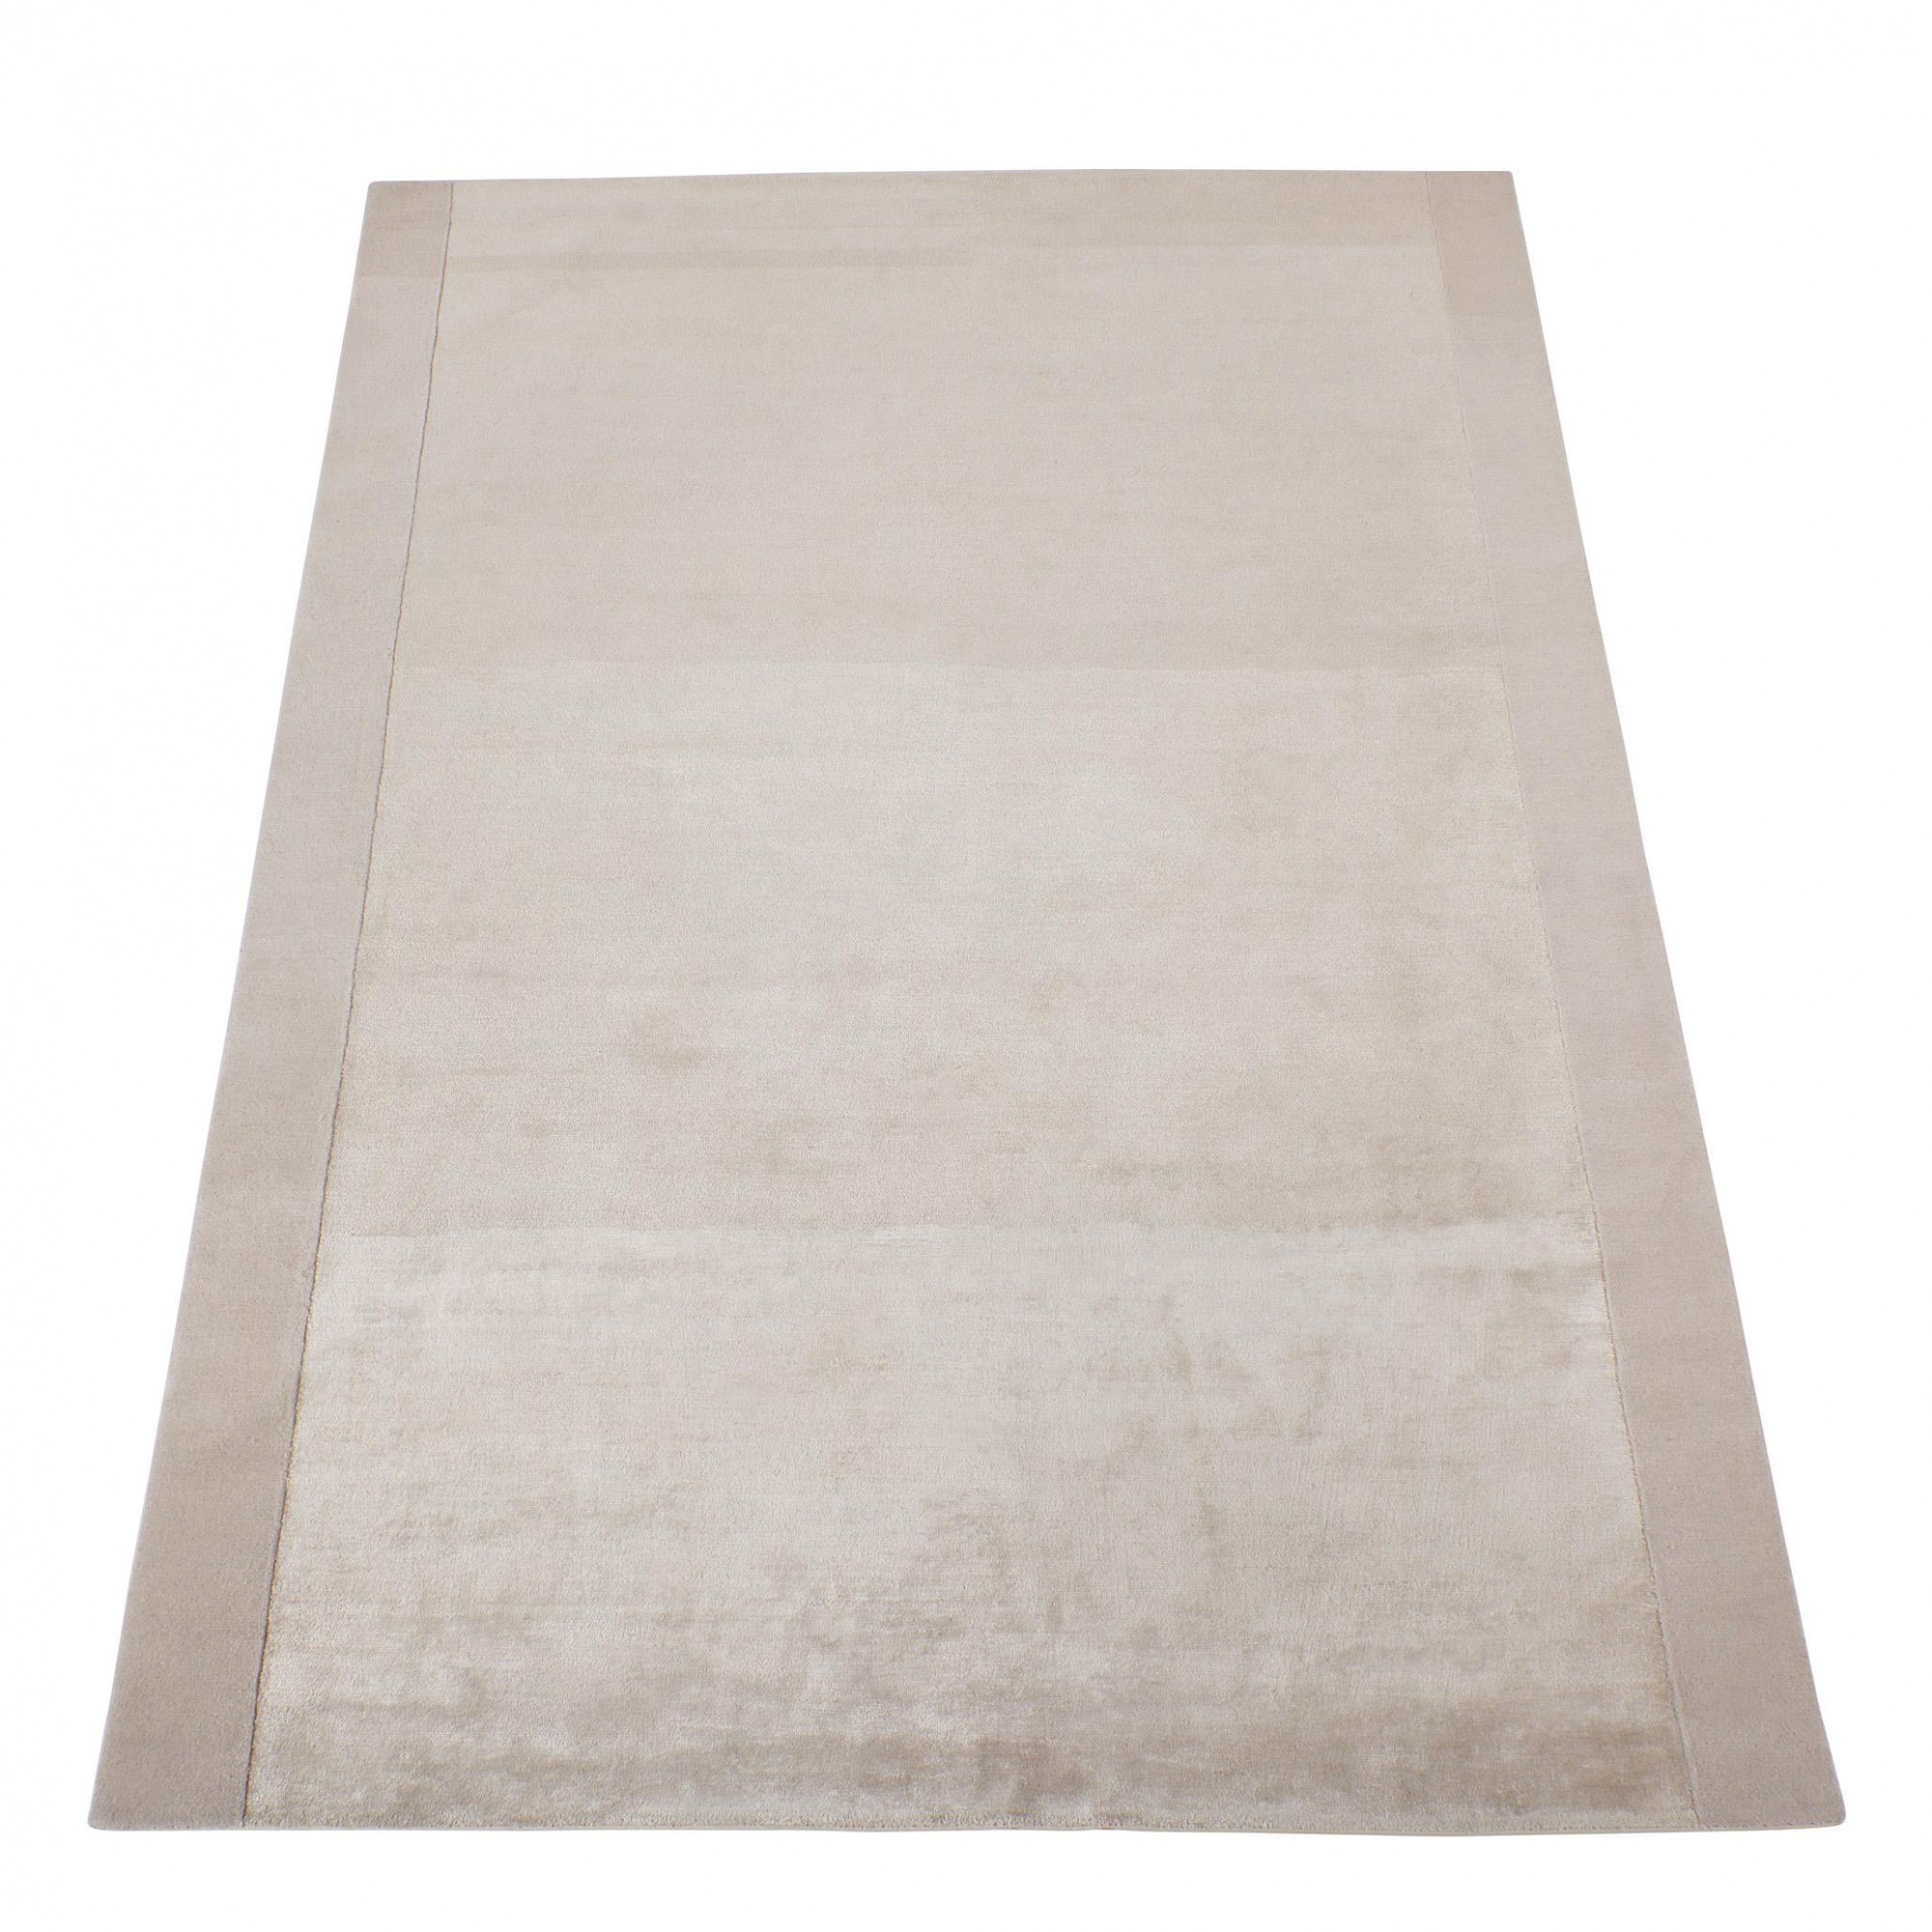 Moroso Shadows Teppich 200x300cm Ambientedirect